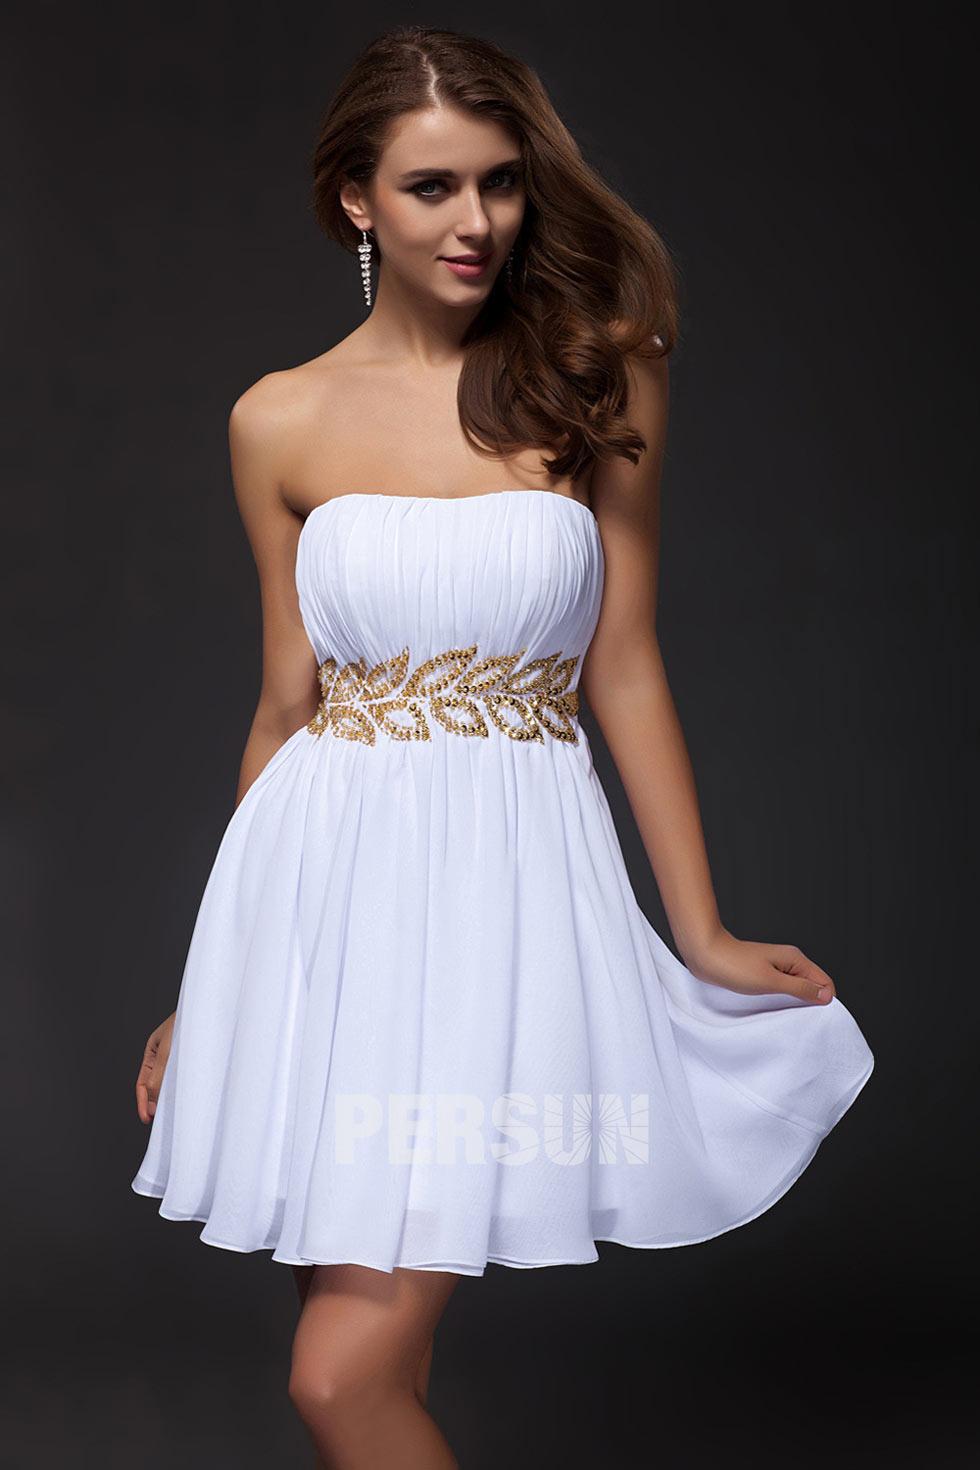 Petite robe blanche bustier droite plissée taille ceinturée ornée de bijoux en forme de feuille